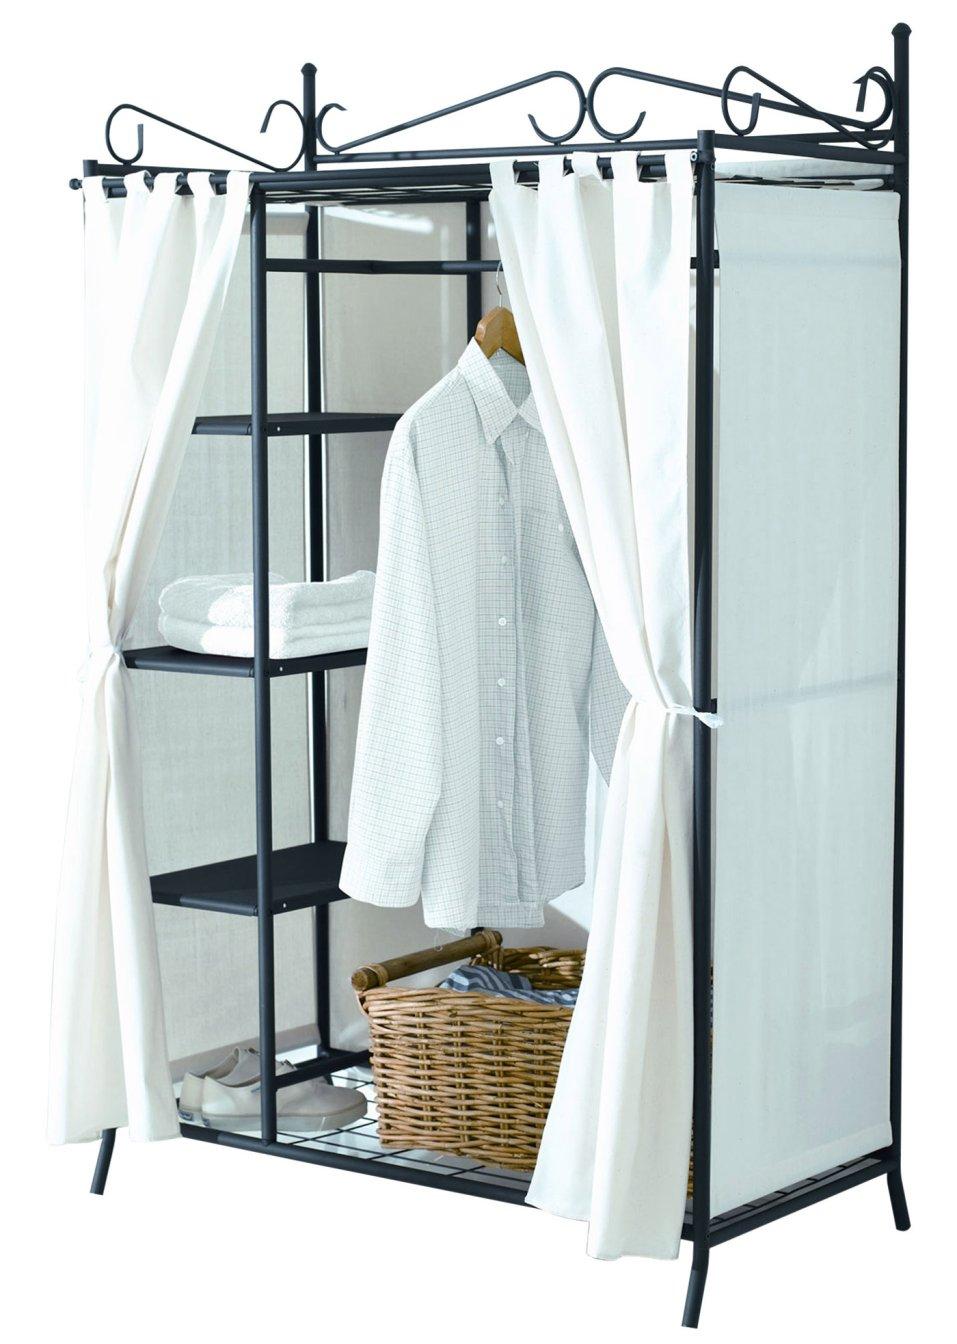 kleiderschrank air schwarz home collection online kaufen. Black Bedroom Furniture Sets. Home Design Ideas